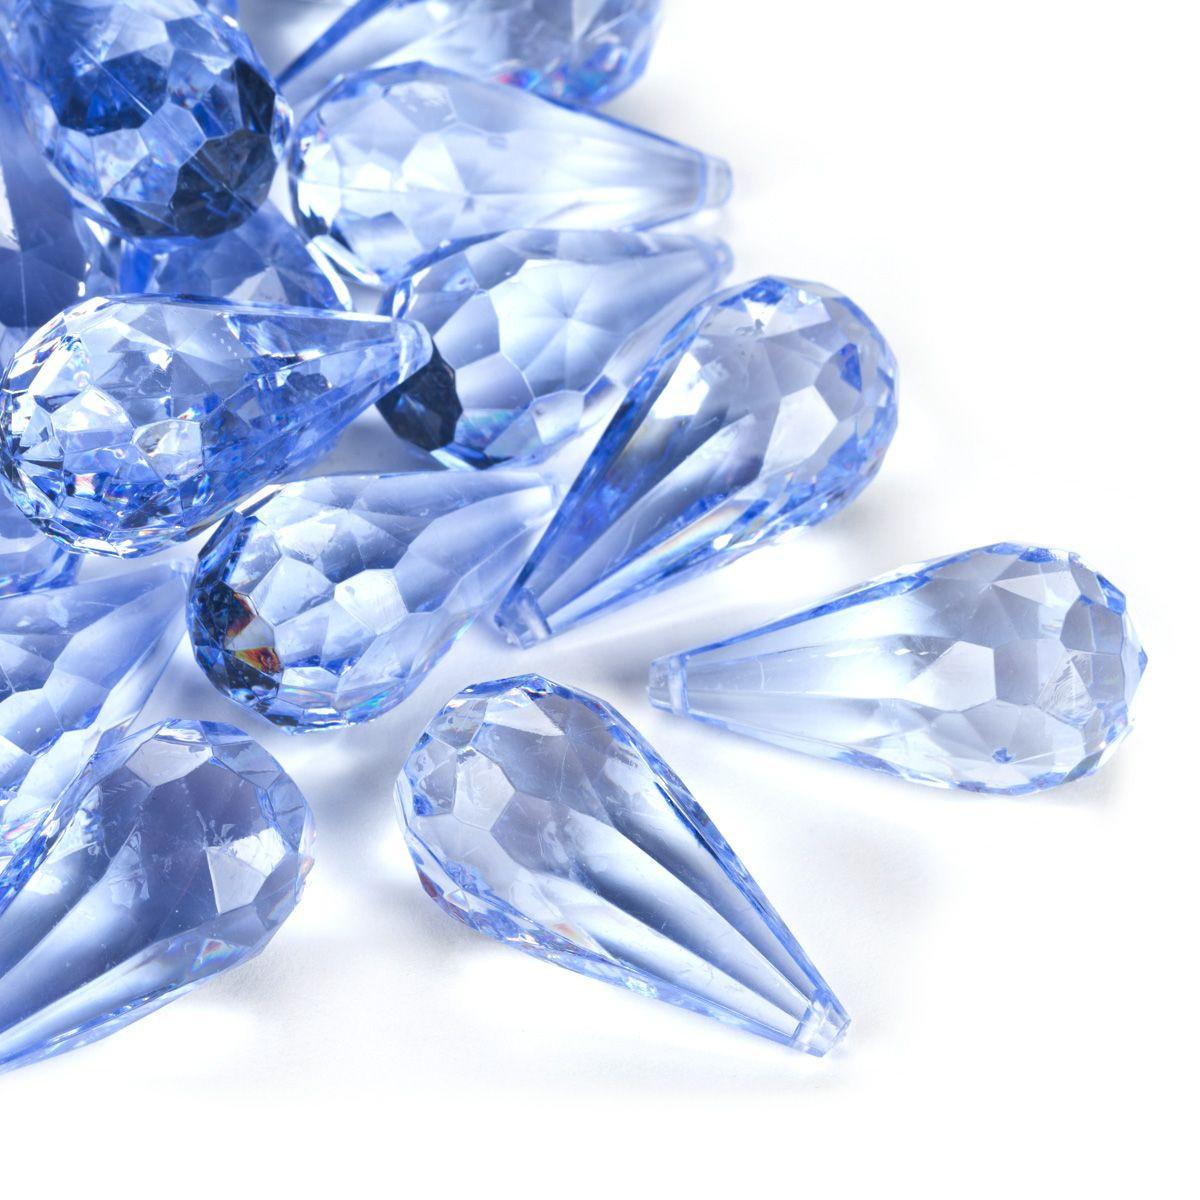 acrylic ice vase filler of light blue acrylic teardrop diamonds decorative gems 3 cups throughout light blue acrylic teardrop diamonds decorative gems 3 cups